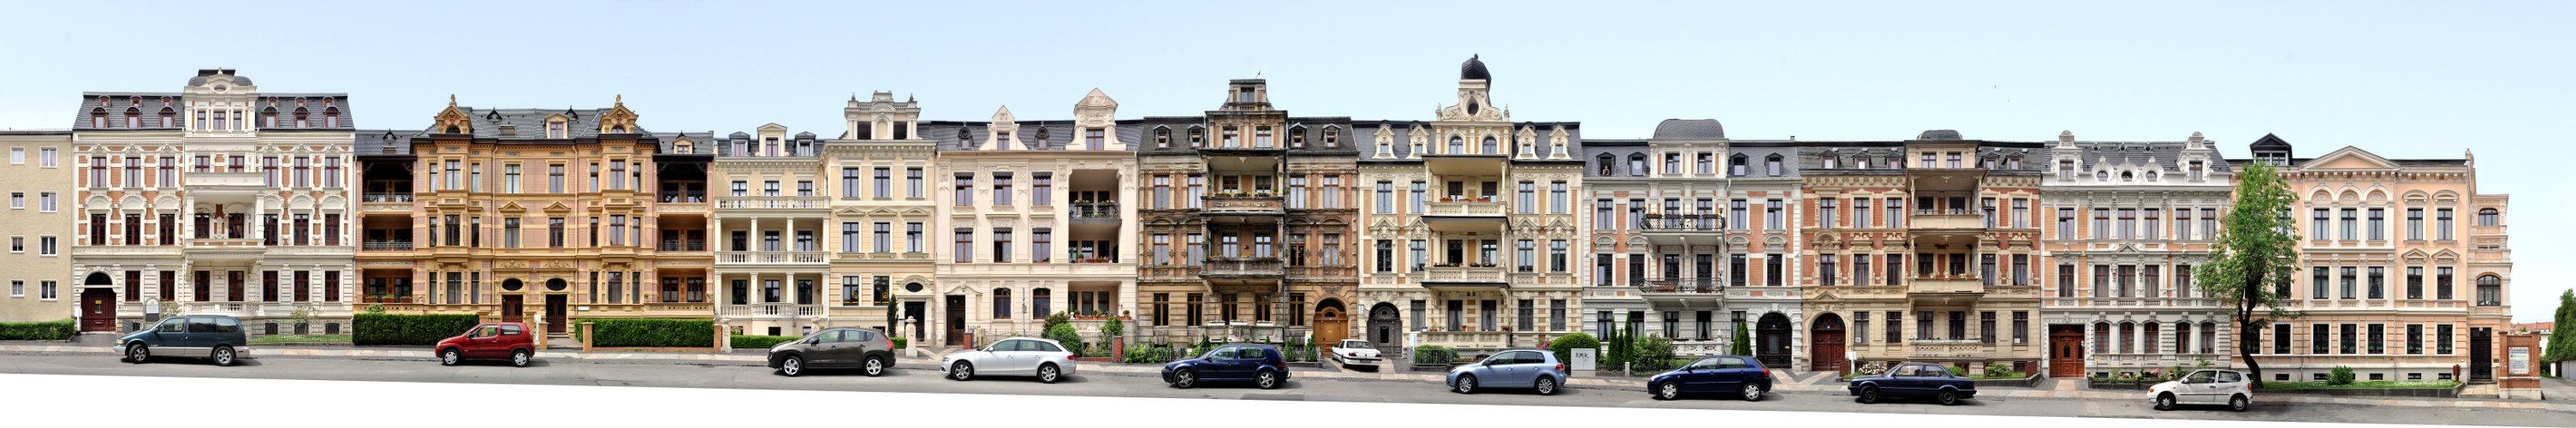 Augustastraße | Gründerzeit